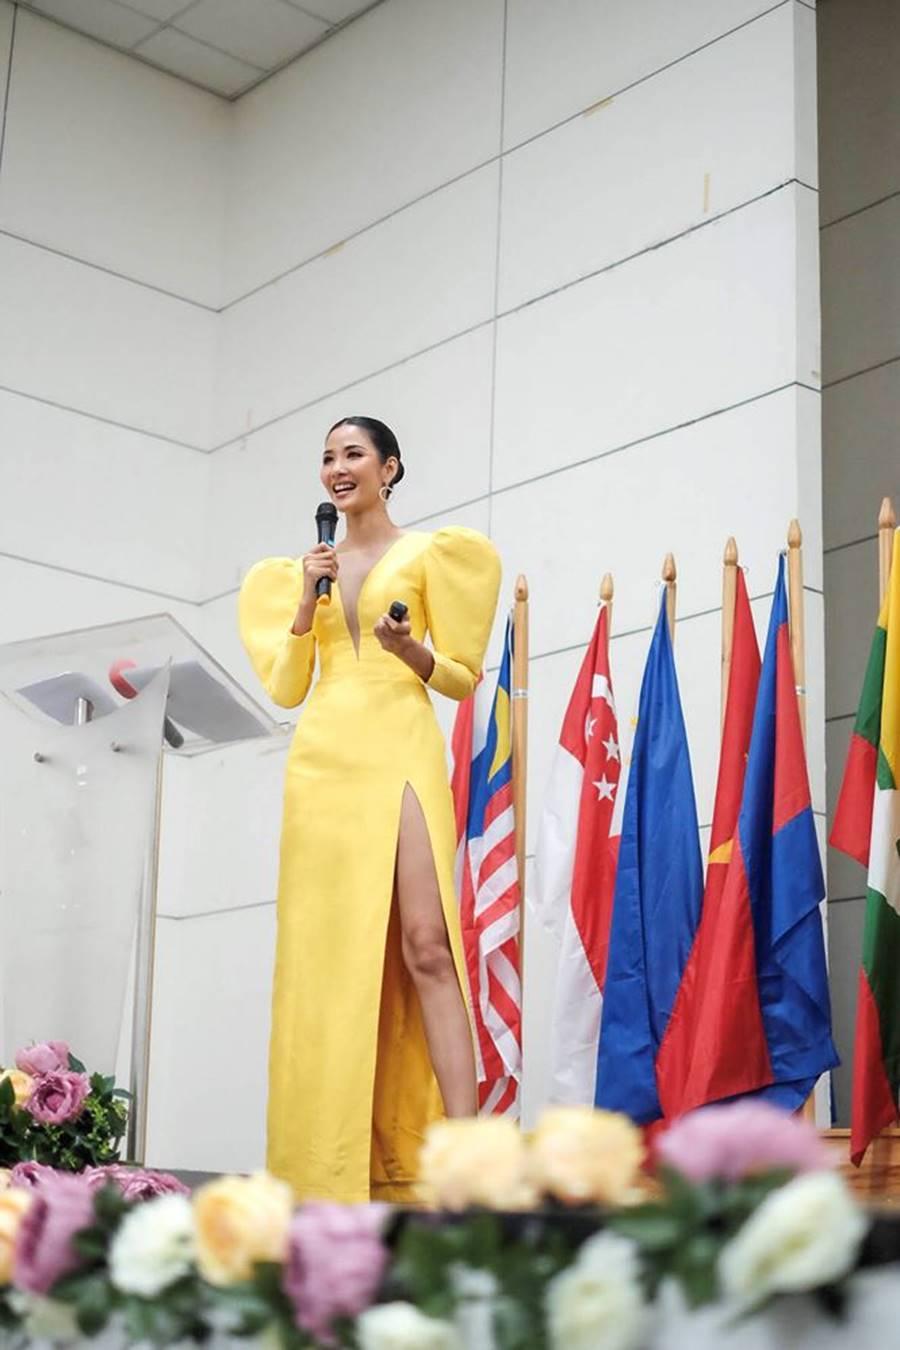 Hoa hậu Tiểu Vy, Á hậu Phương Nga đốn tim fans với váy áo lộng lẫy-6